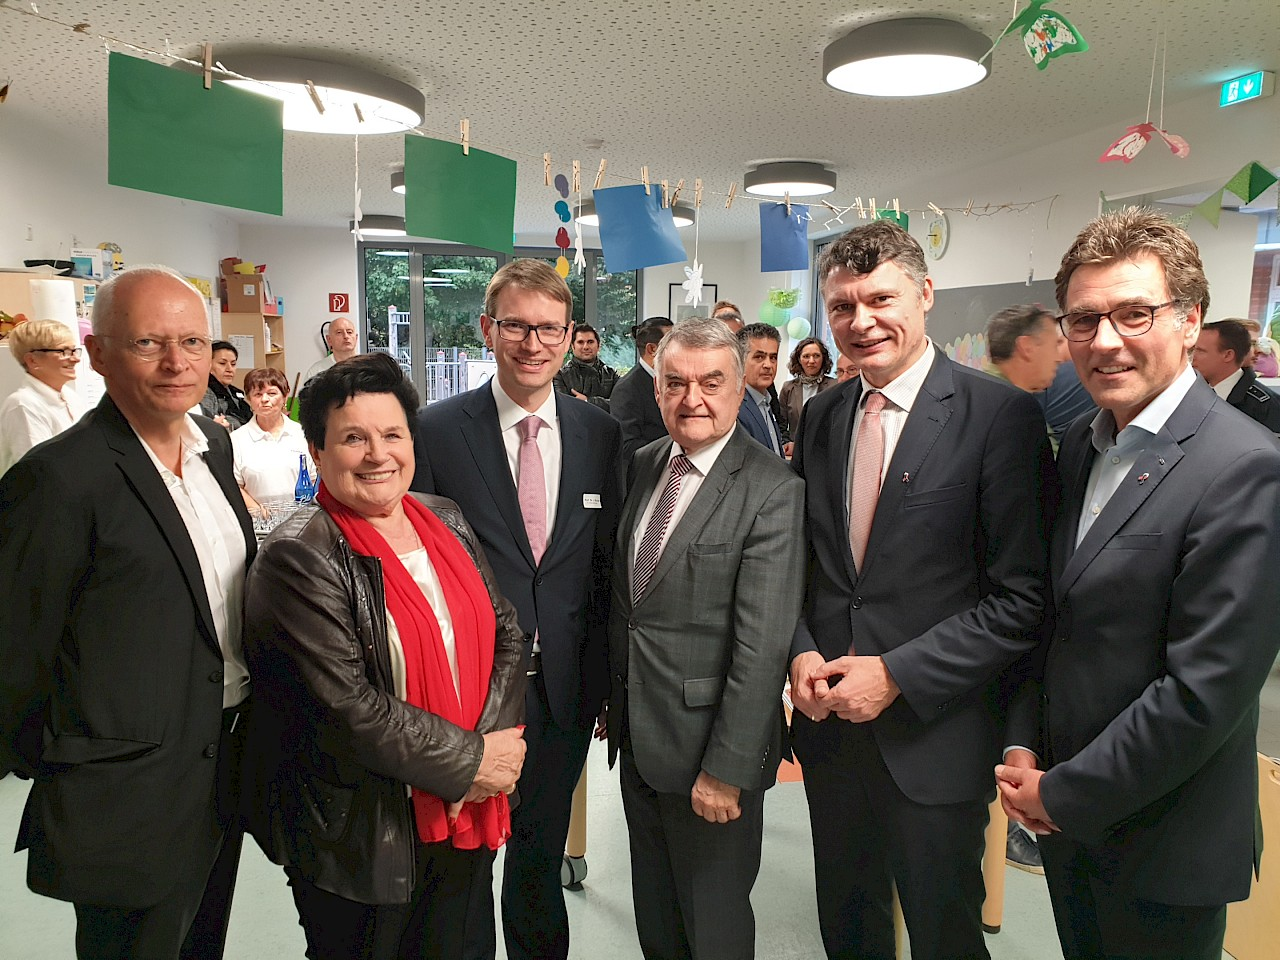 Klarer Kompass für mehr Sicherheit: NRW-Innenminister Reul besucht Neuss